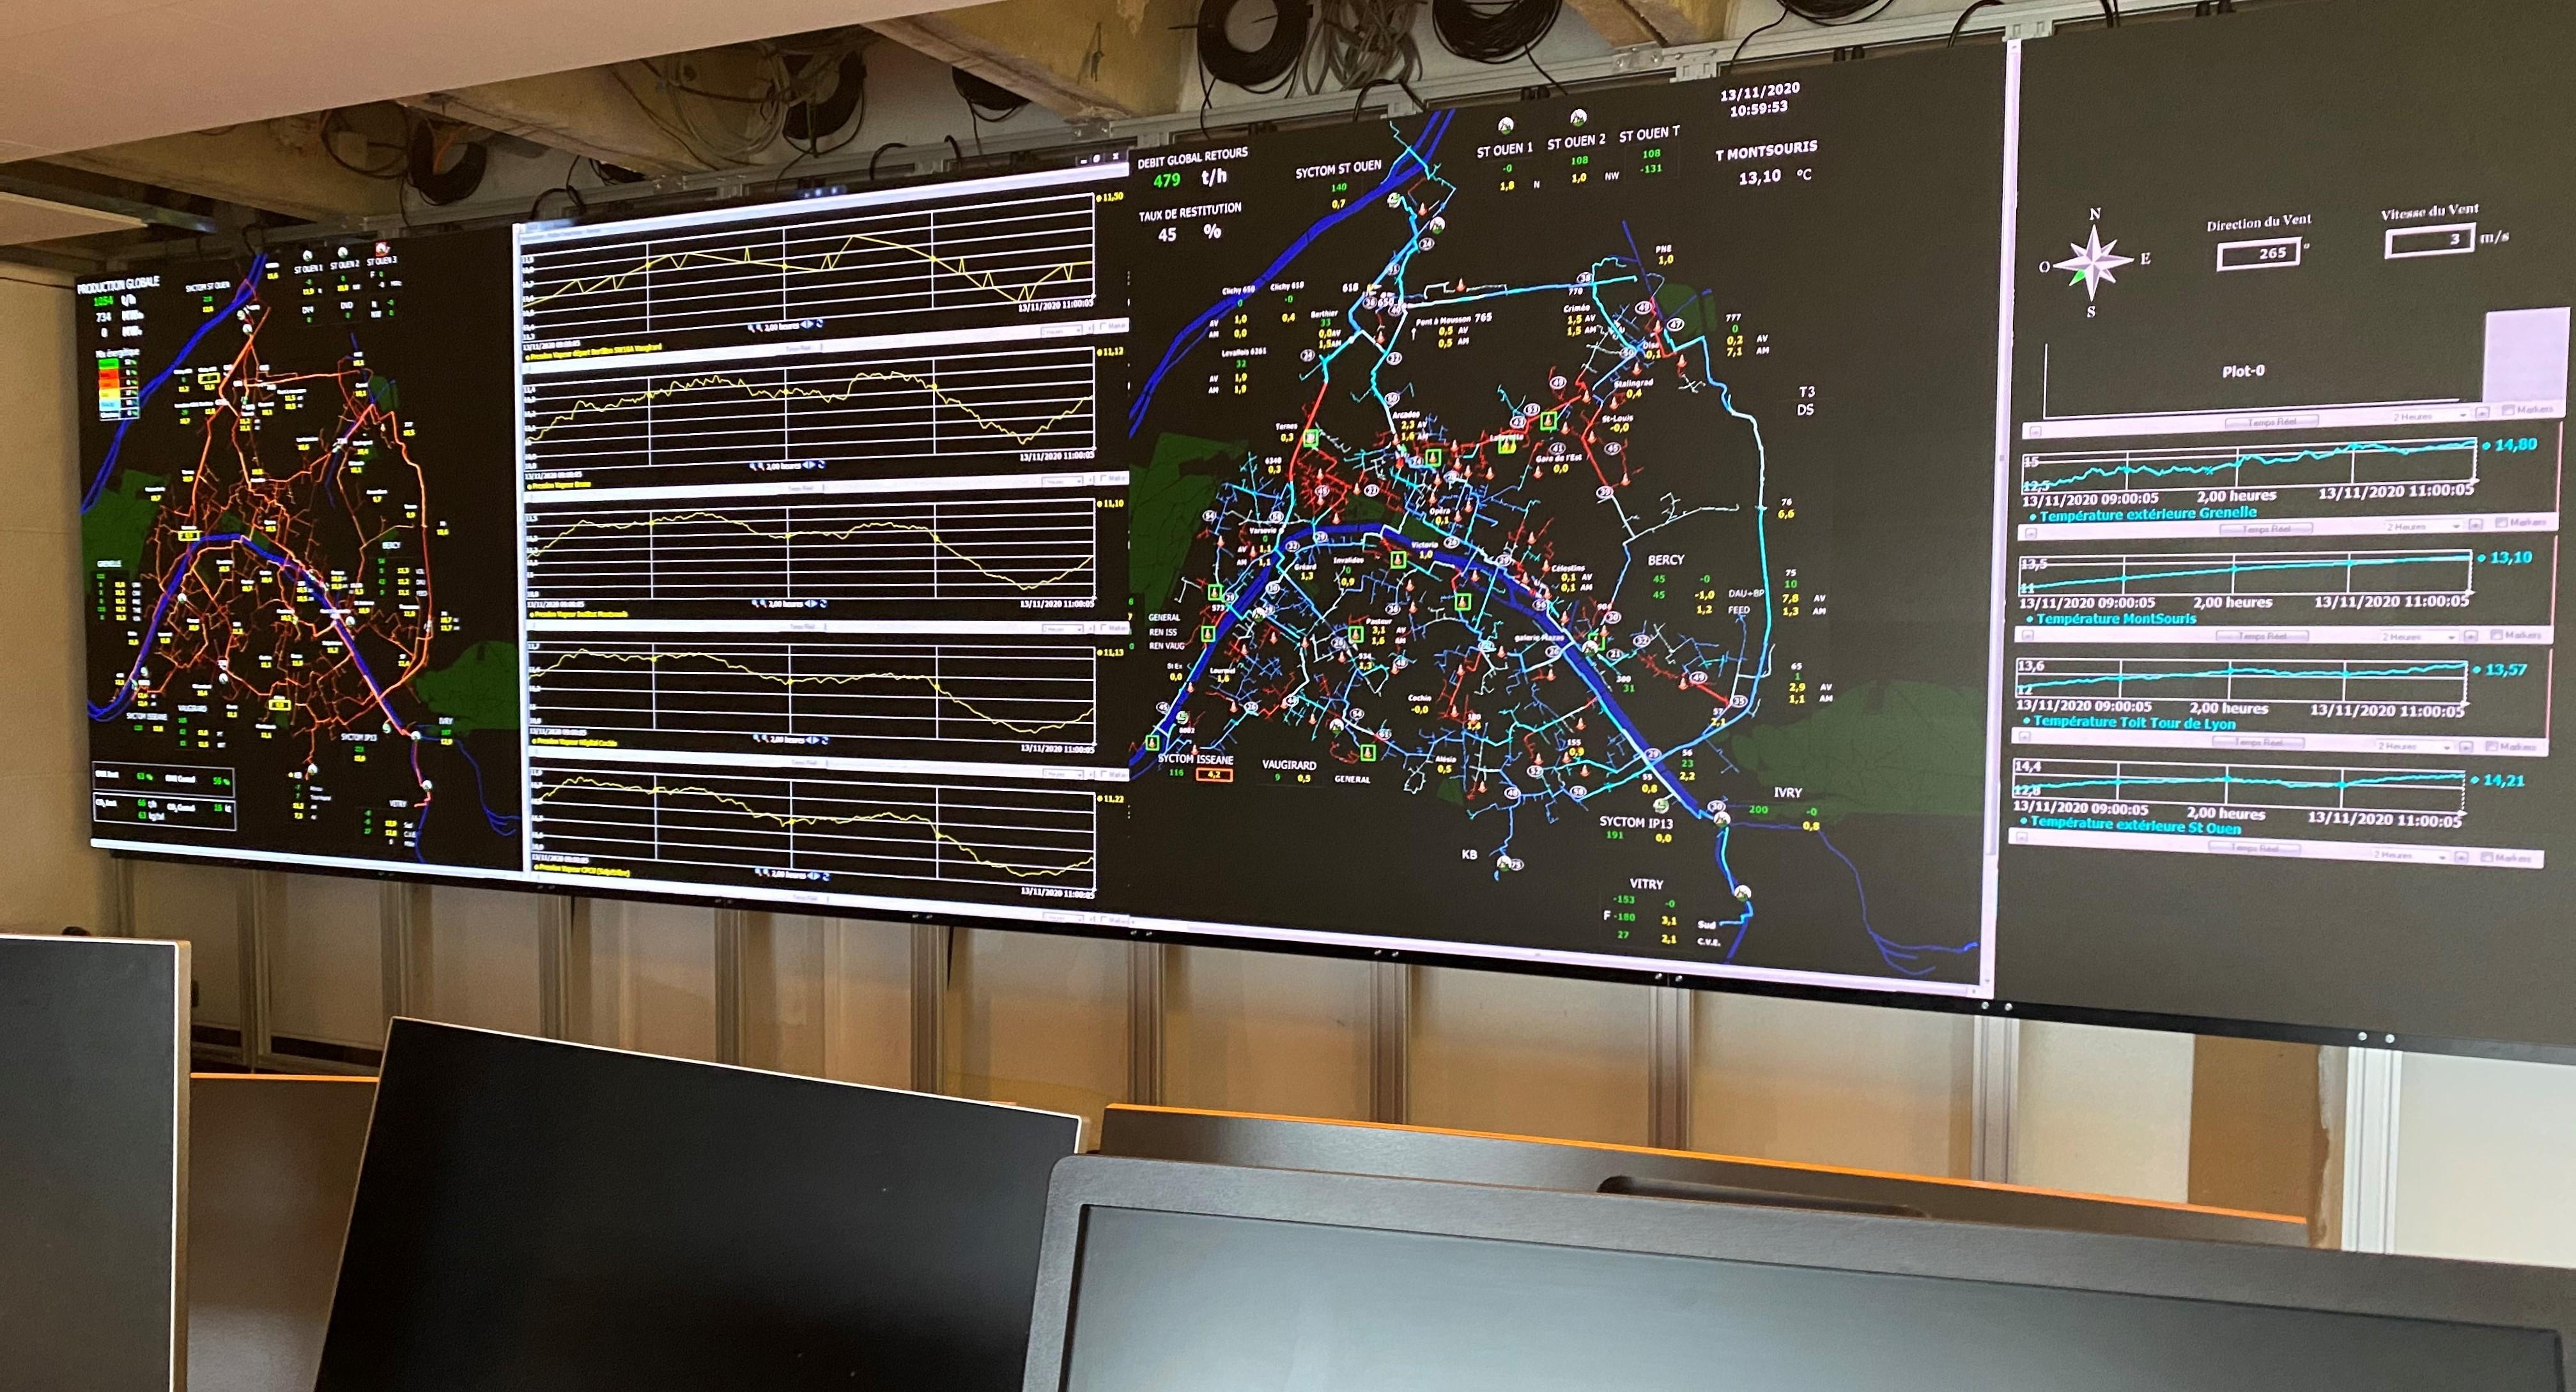 mur d'image LED contrôle